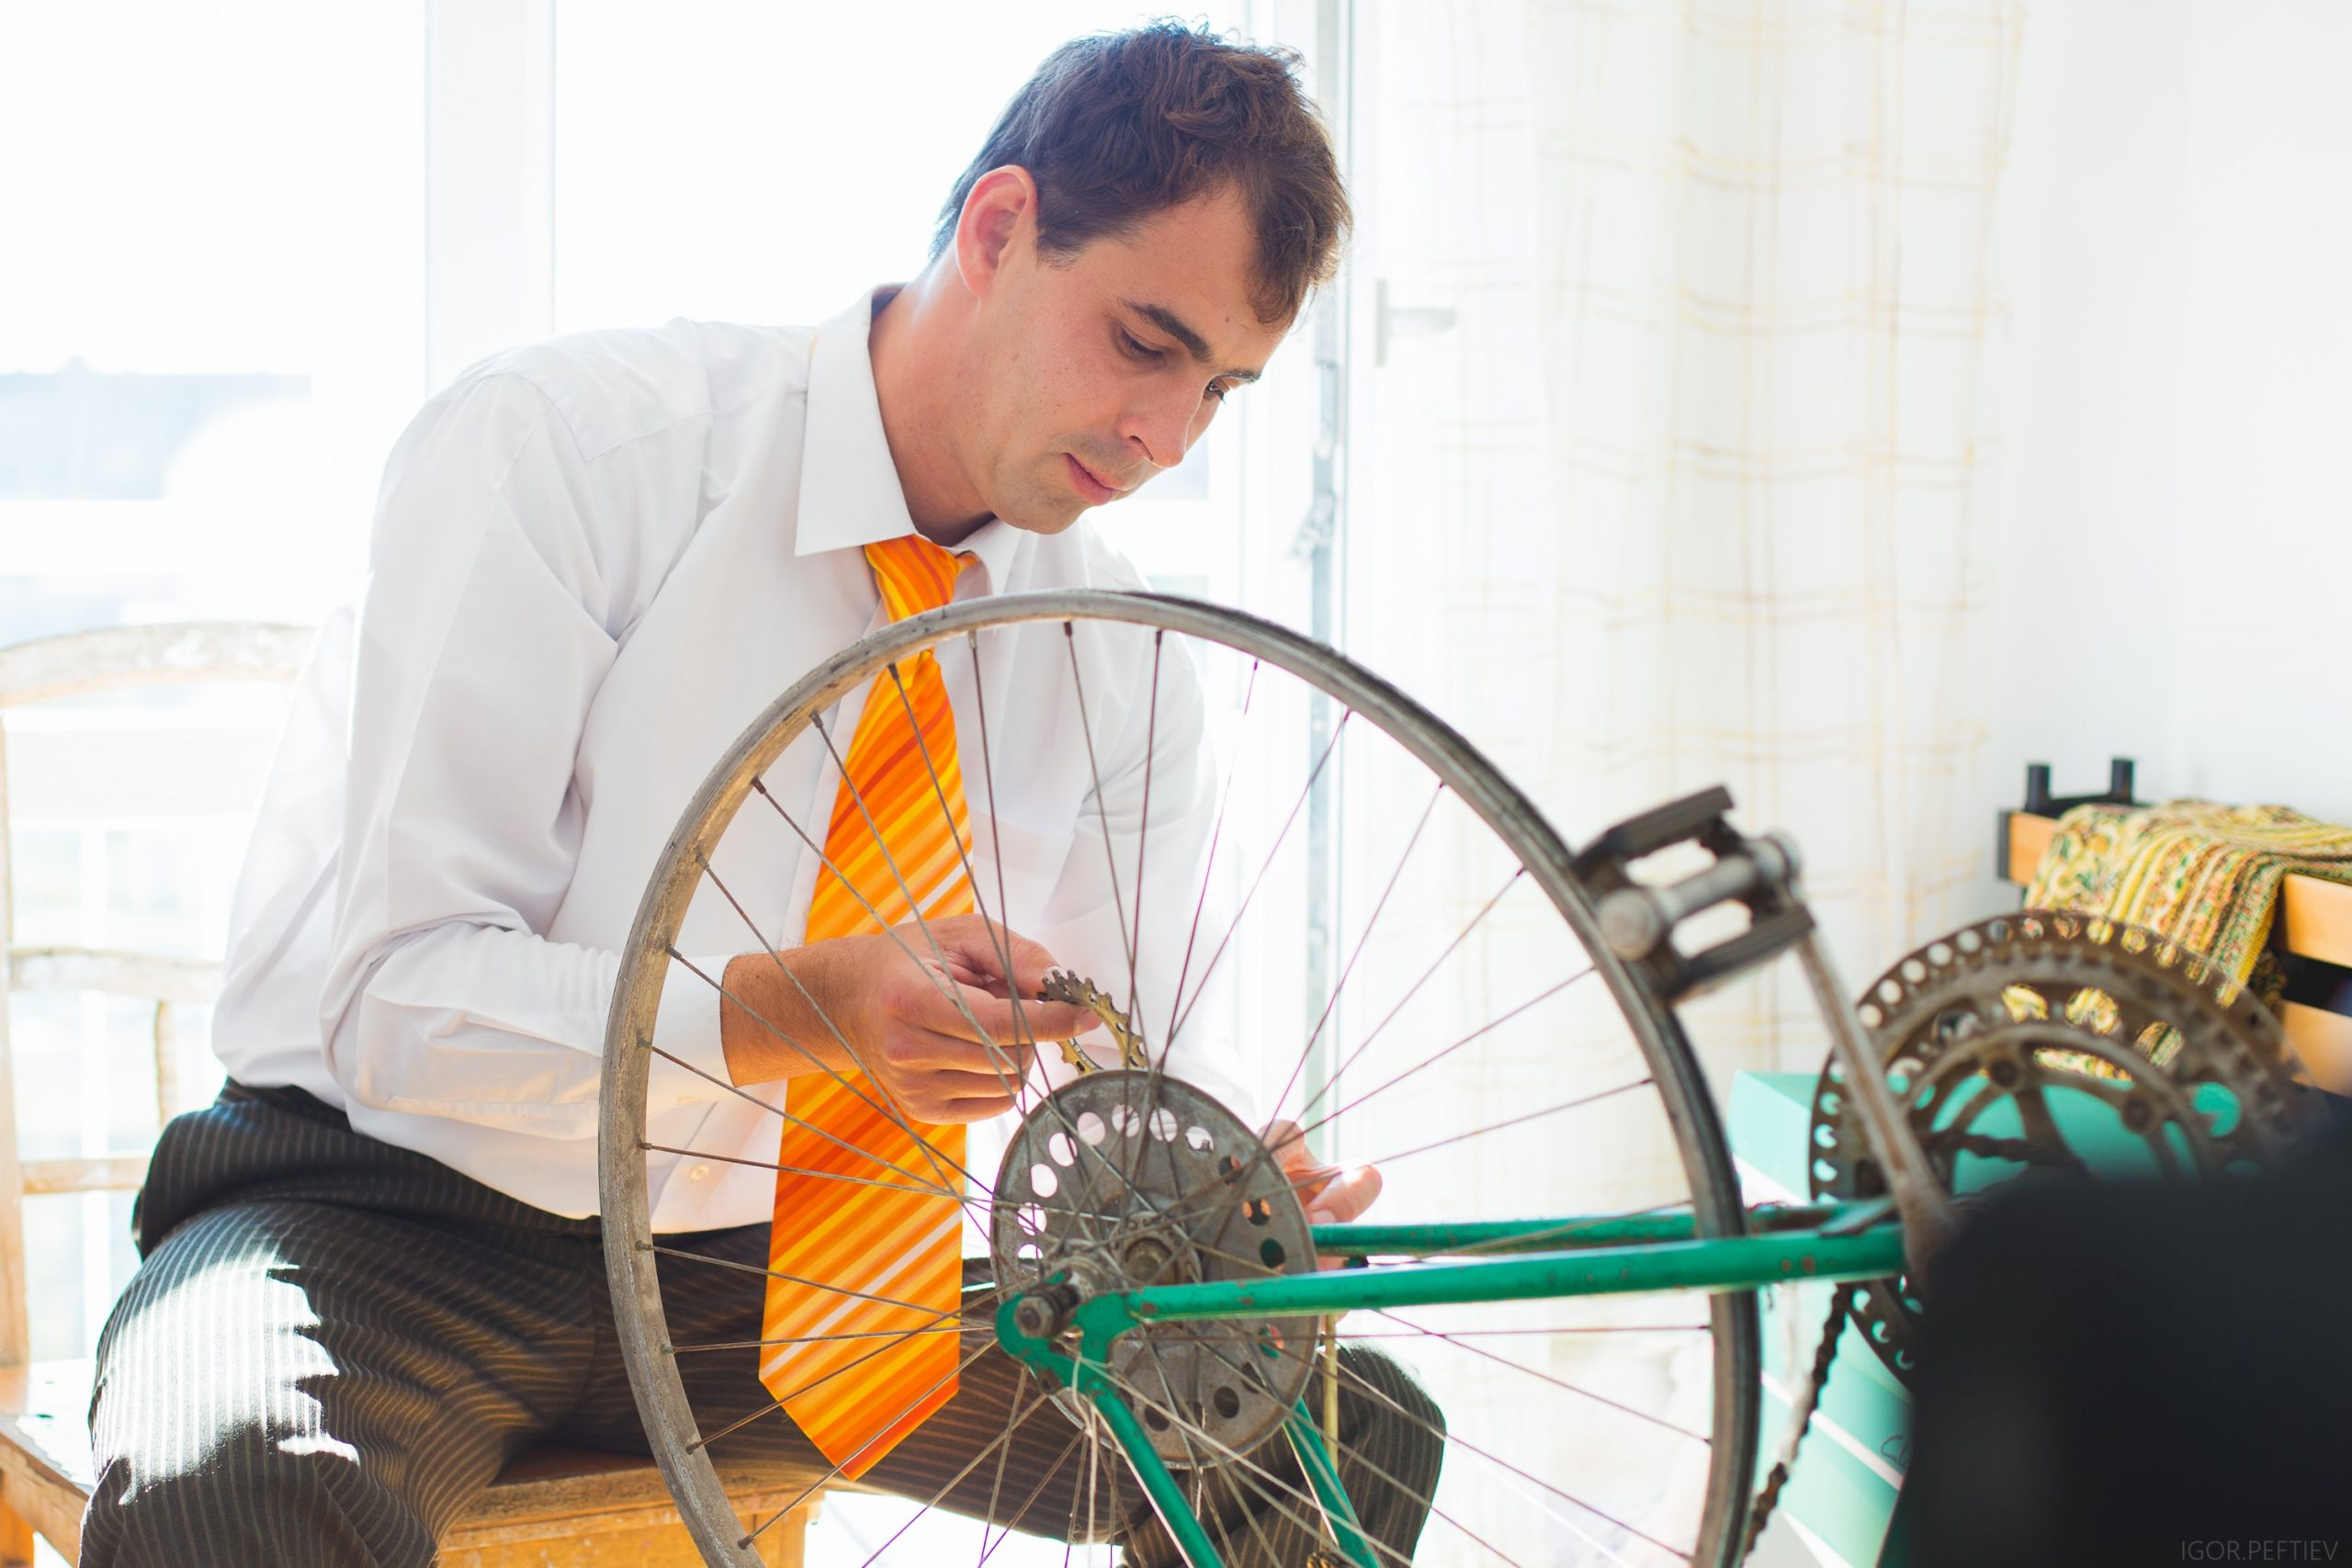 construire son vélo sois même